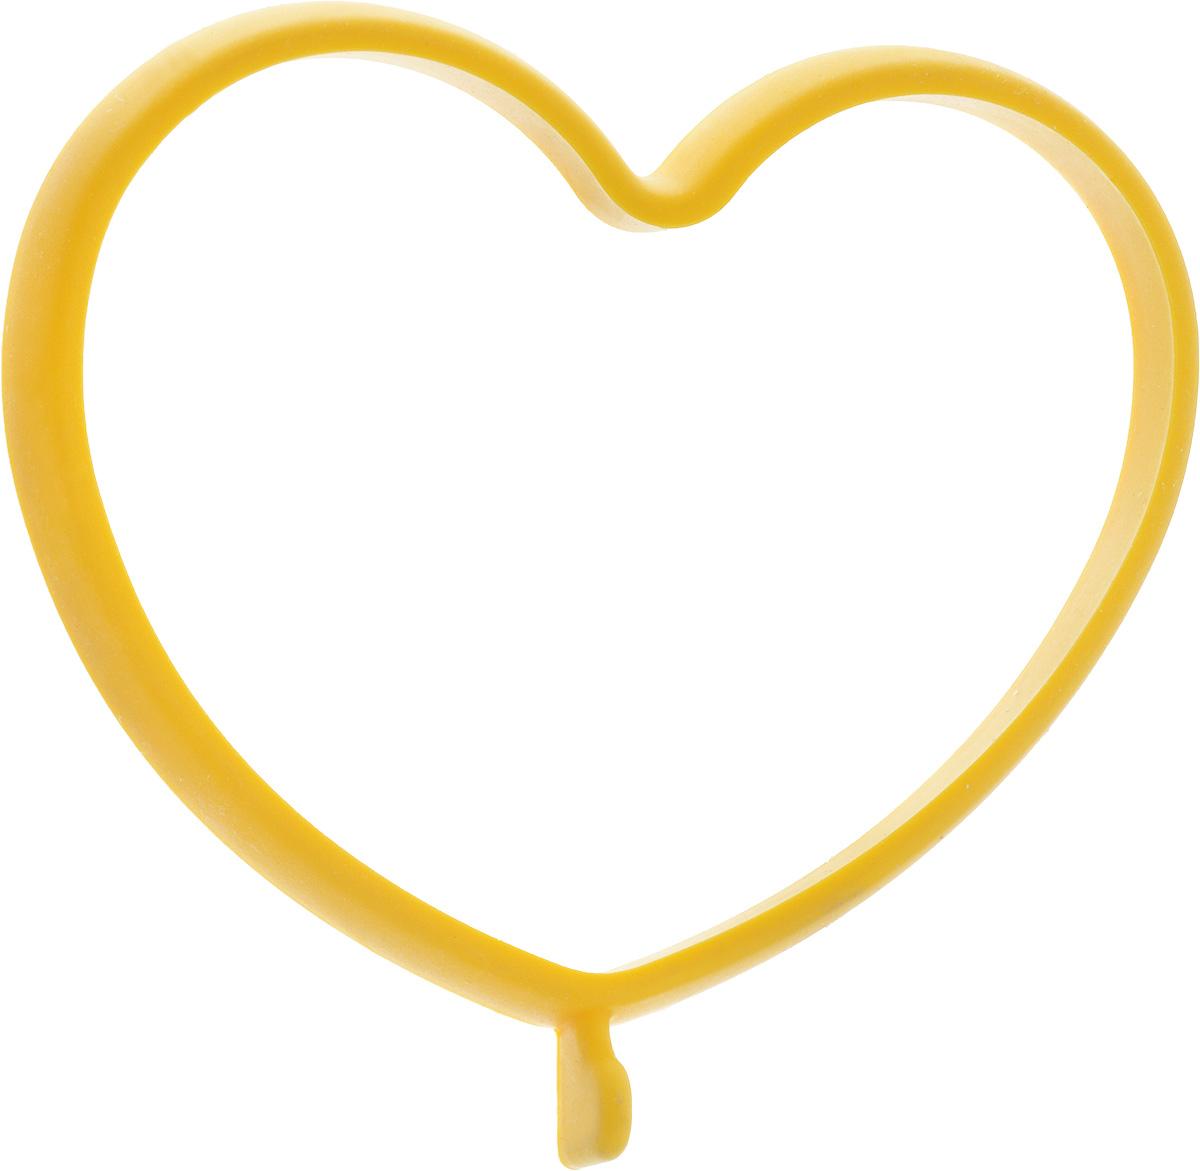 """Форма для яичницы Oursson """"Сердце"""", выполненная из жаростойкого силикона, подходит для приготовления яичницы, омлета, оладий! Она  добавит оригинальности обычным блюдам и особенно понравится детям! Форма не повреждает антипригарное покрытие сковород. Для  получения идеального результата рекомендуется использовать ее на ровной поверхности сковороды.   Размер формы: 13,5 х 11,4 х 1 см"""